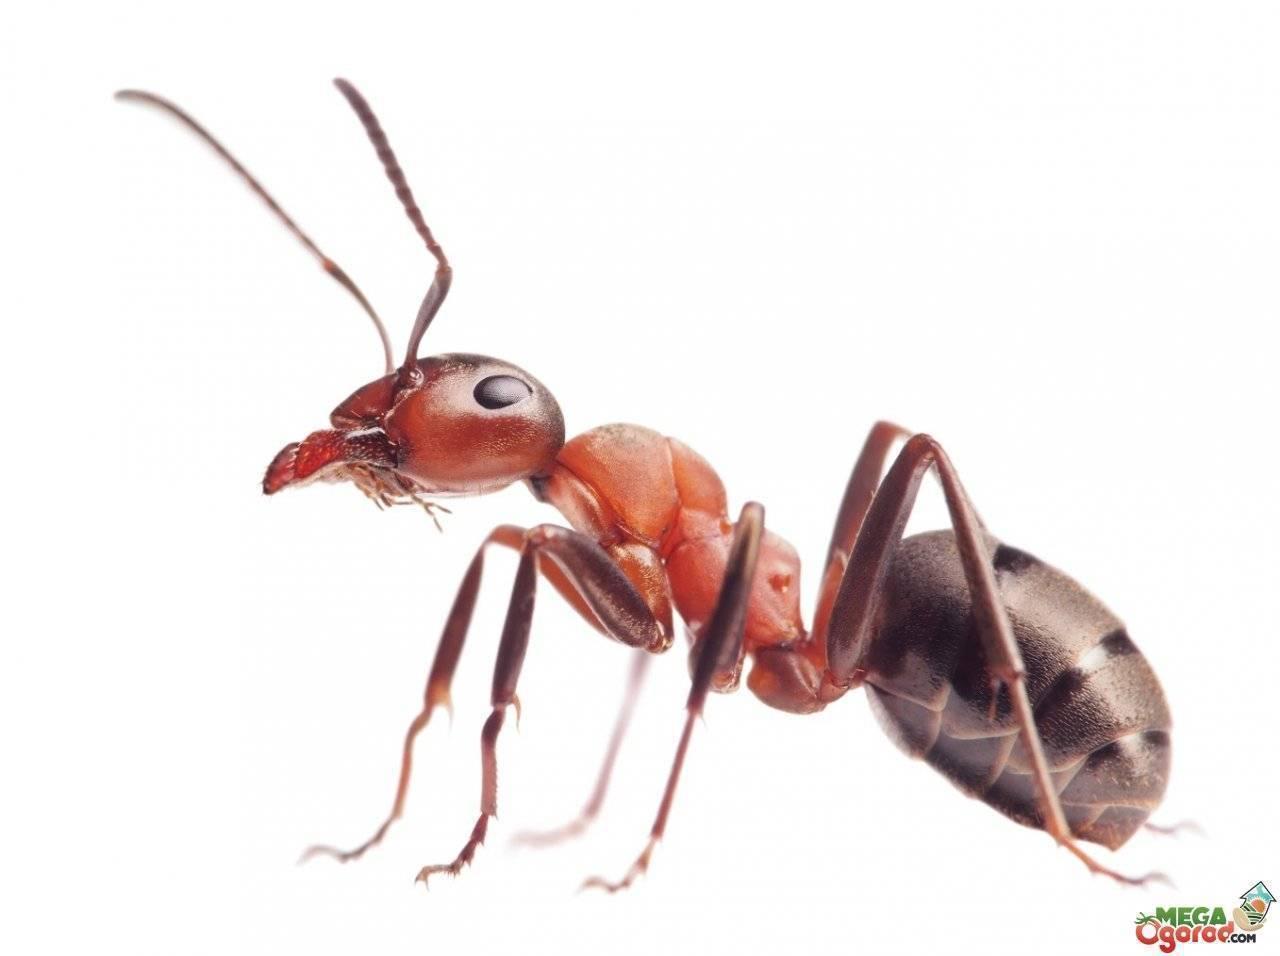 Как избавиться от маленьких рыжих муравьев в квартире навсегда